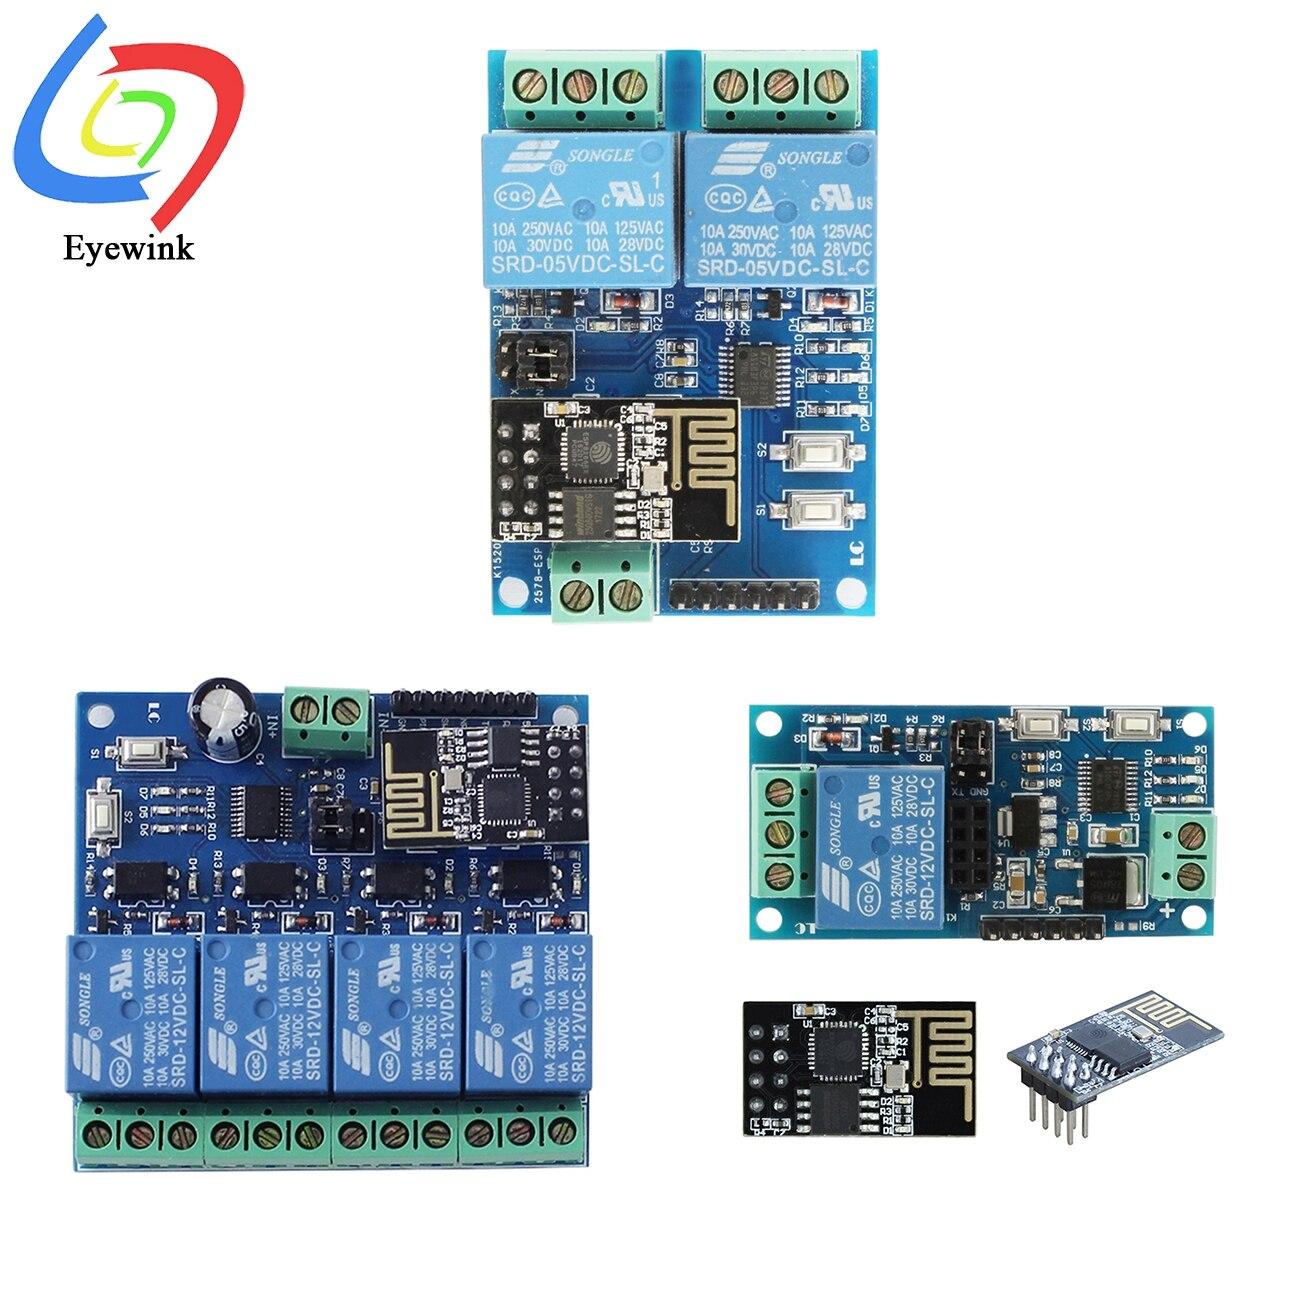 ESP8266 ESP-01 5V 12V для 1, 2, 4, таким образом, WI-FI триггерный релейный модуль вещи умный дом удаленного Управление переключатель ESP01 WI-FI Беспроводной м...